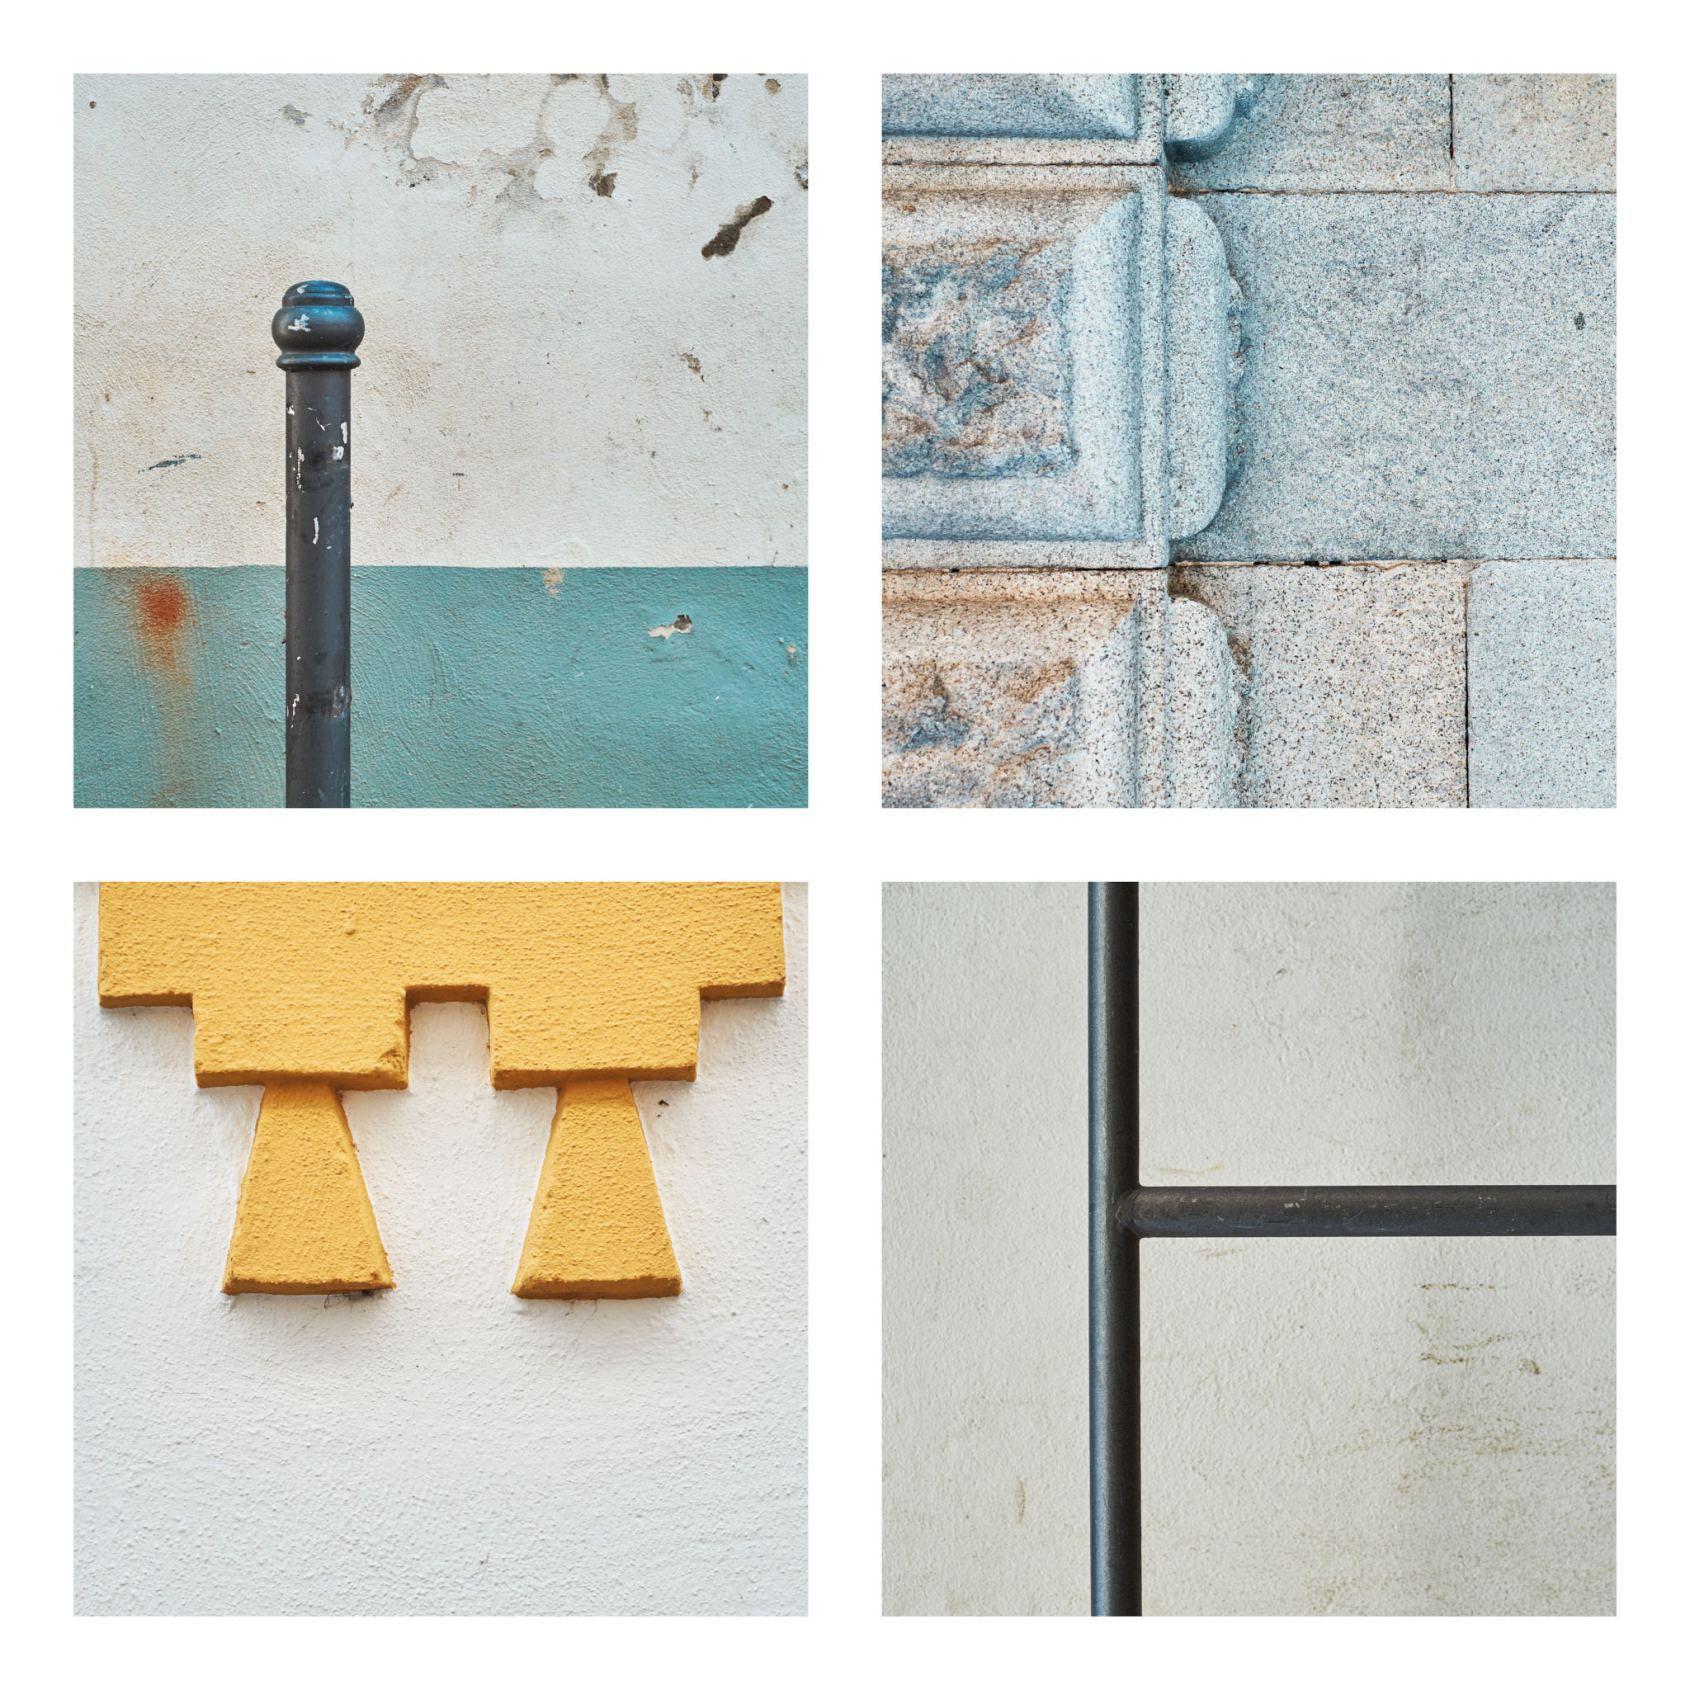 """Lüftungsschächte, Dachrinnen, Garagentore und Mülltonnen sind die Protagonisten im Projekt """"Urbane Details"""" des Passauer Fotografen Christian Kropfmüller."""